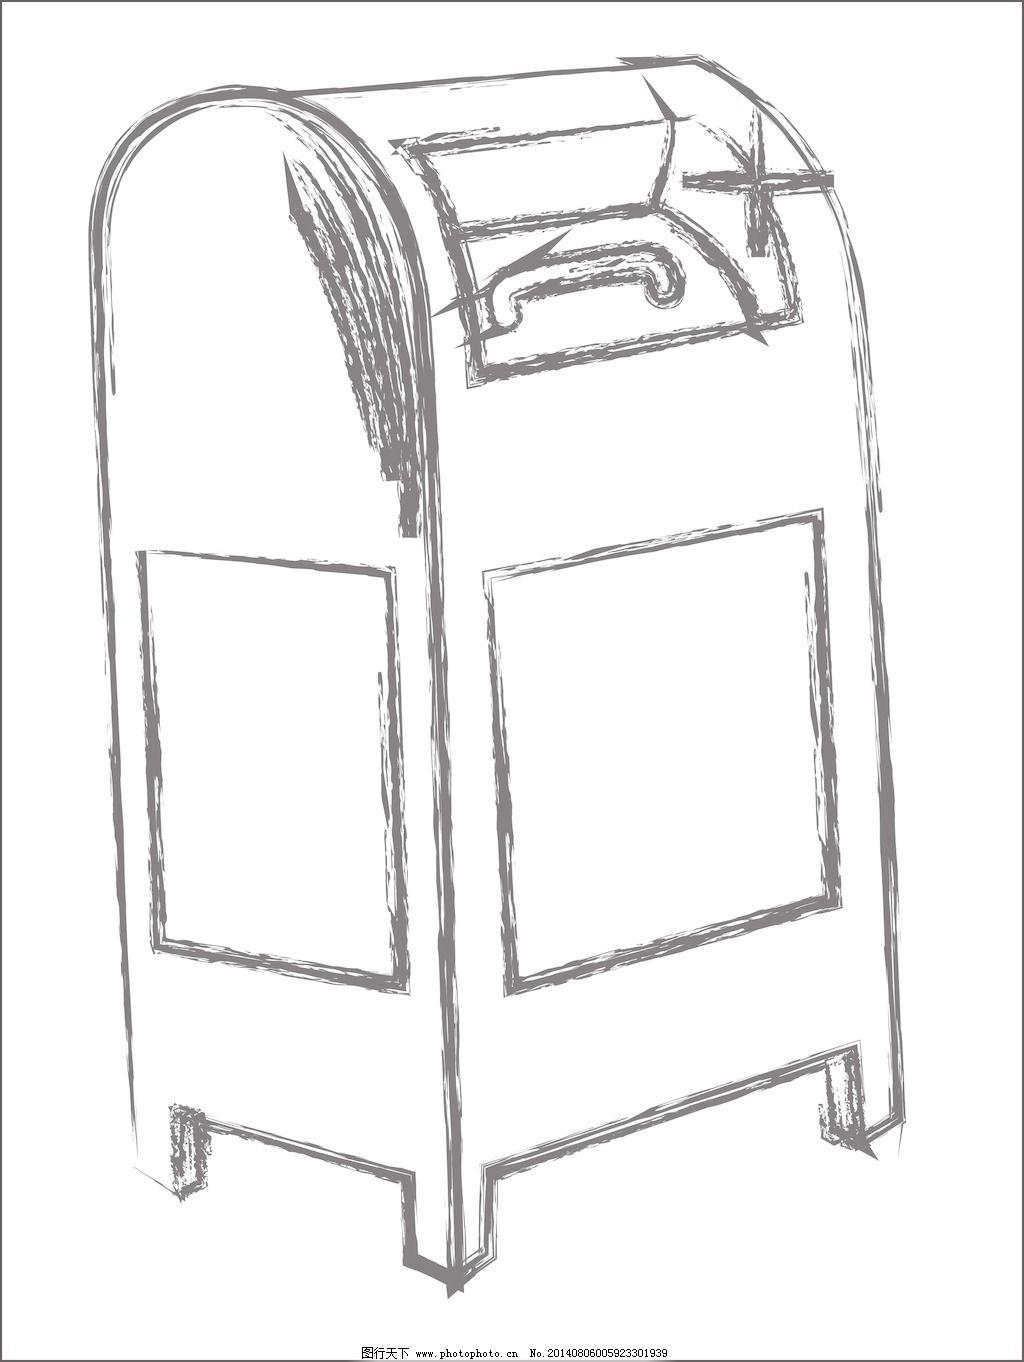 素描的商务,信箱的素描免费下载矢量图新闻金视频信箱庐江图片